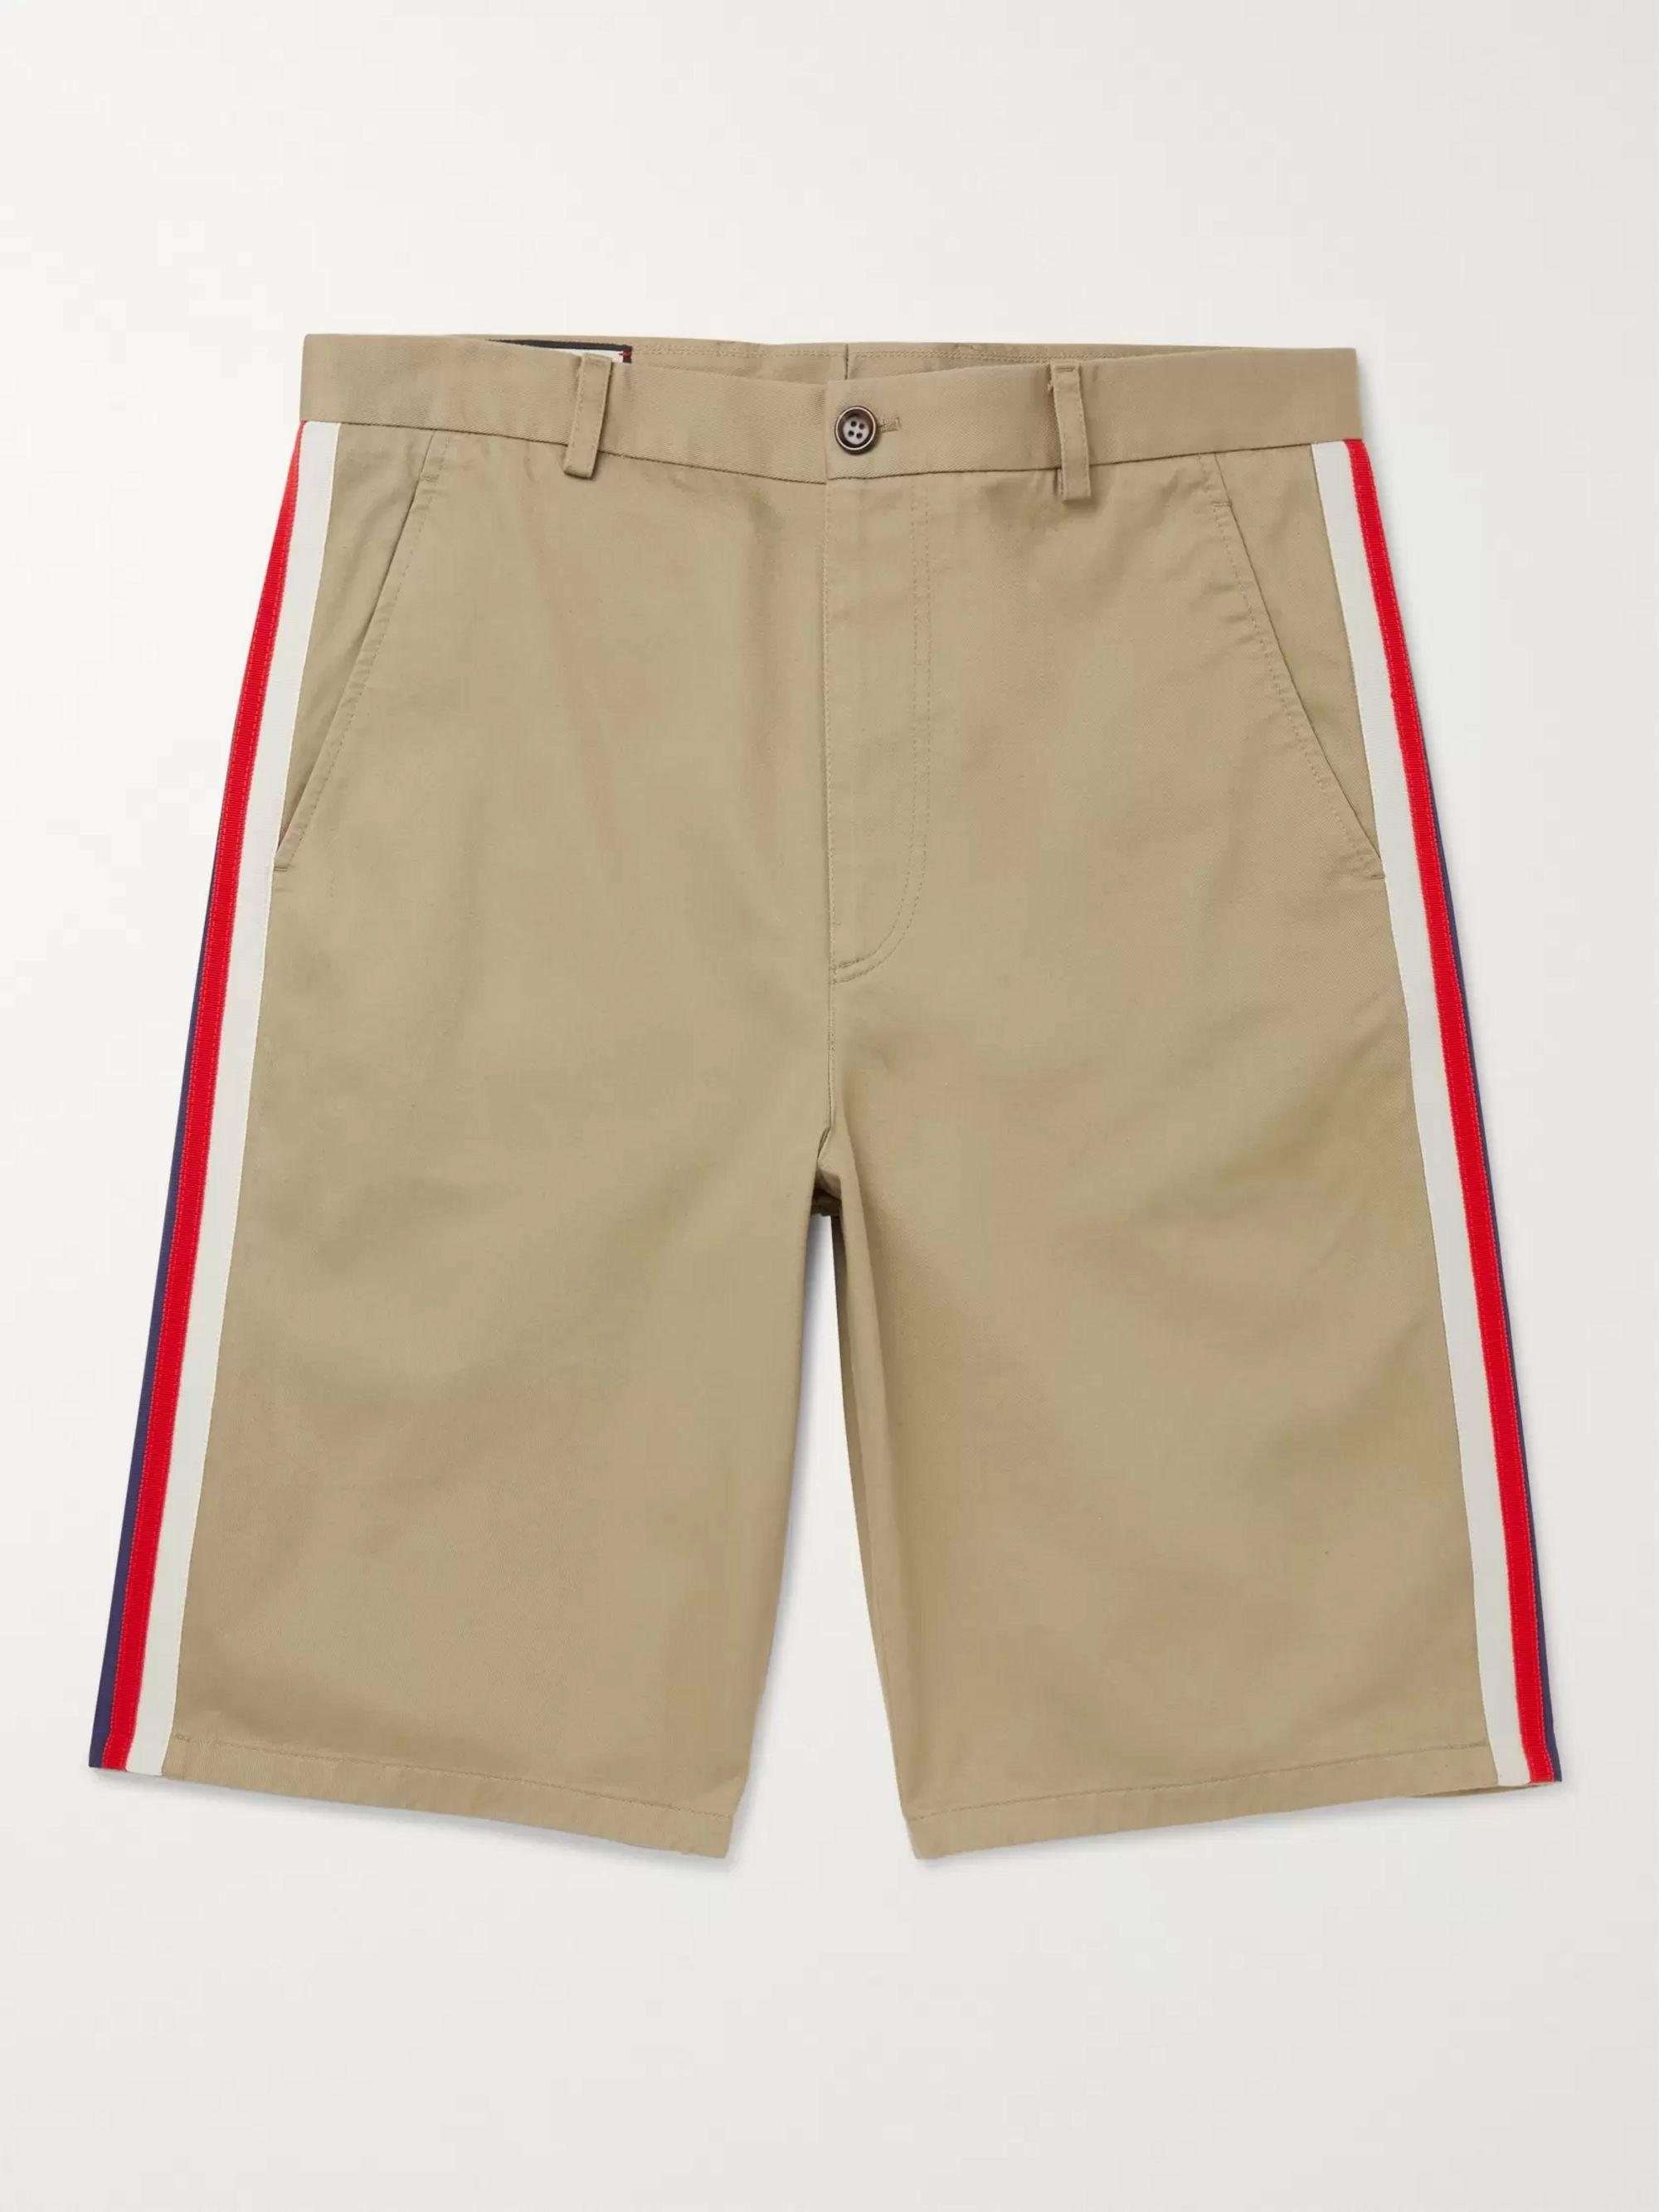 구찌 Gucci Webbing-Trimmed Cotton-Twill Bermuda Shorts,Beige